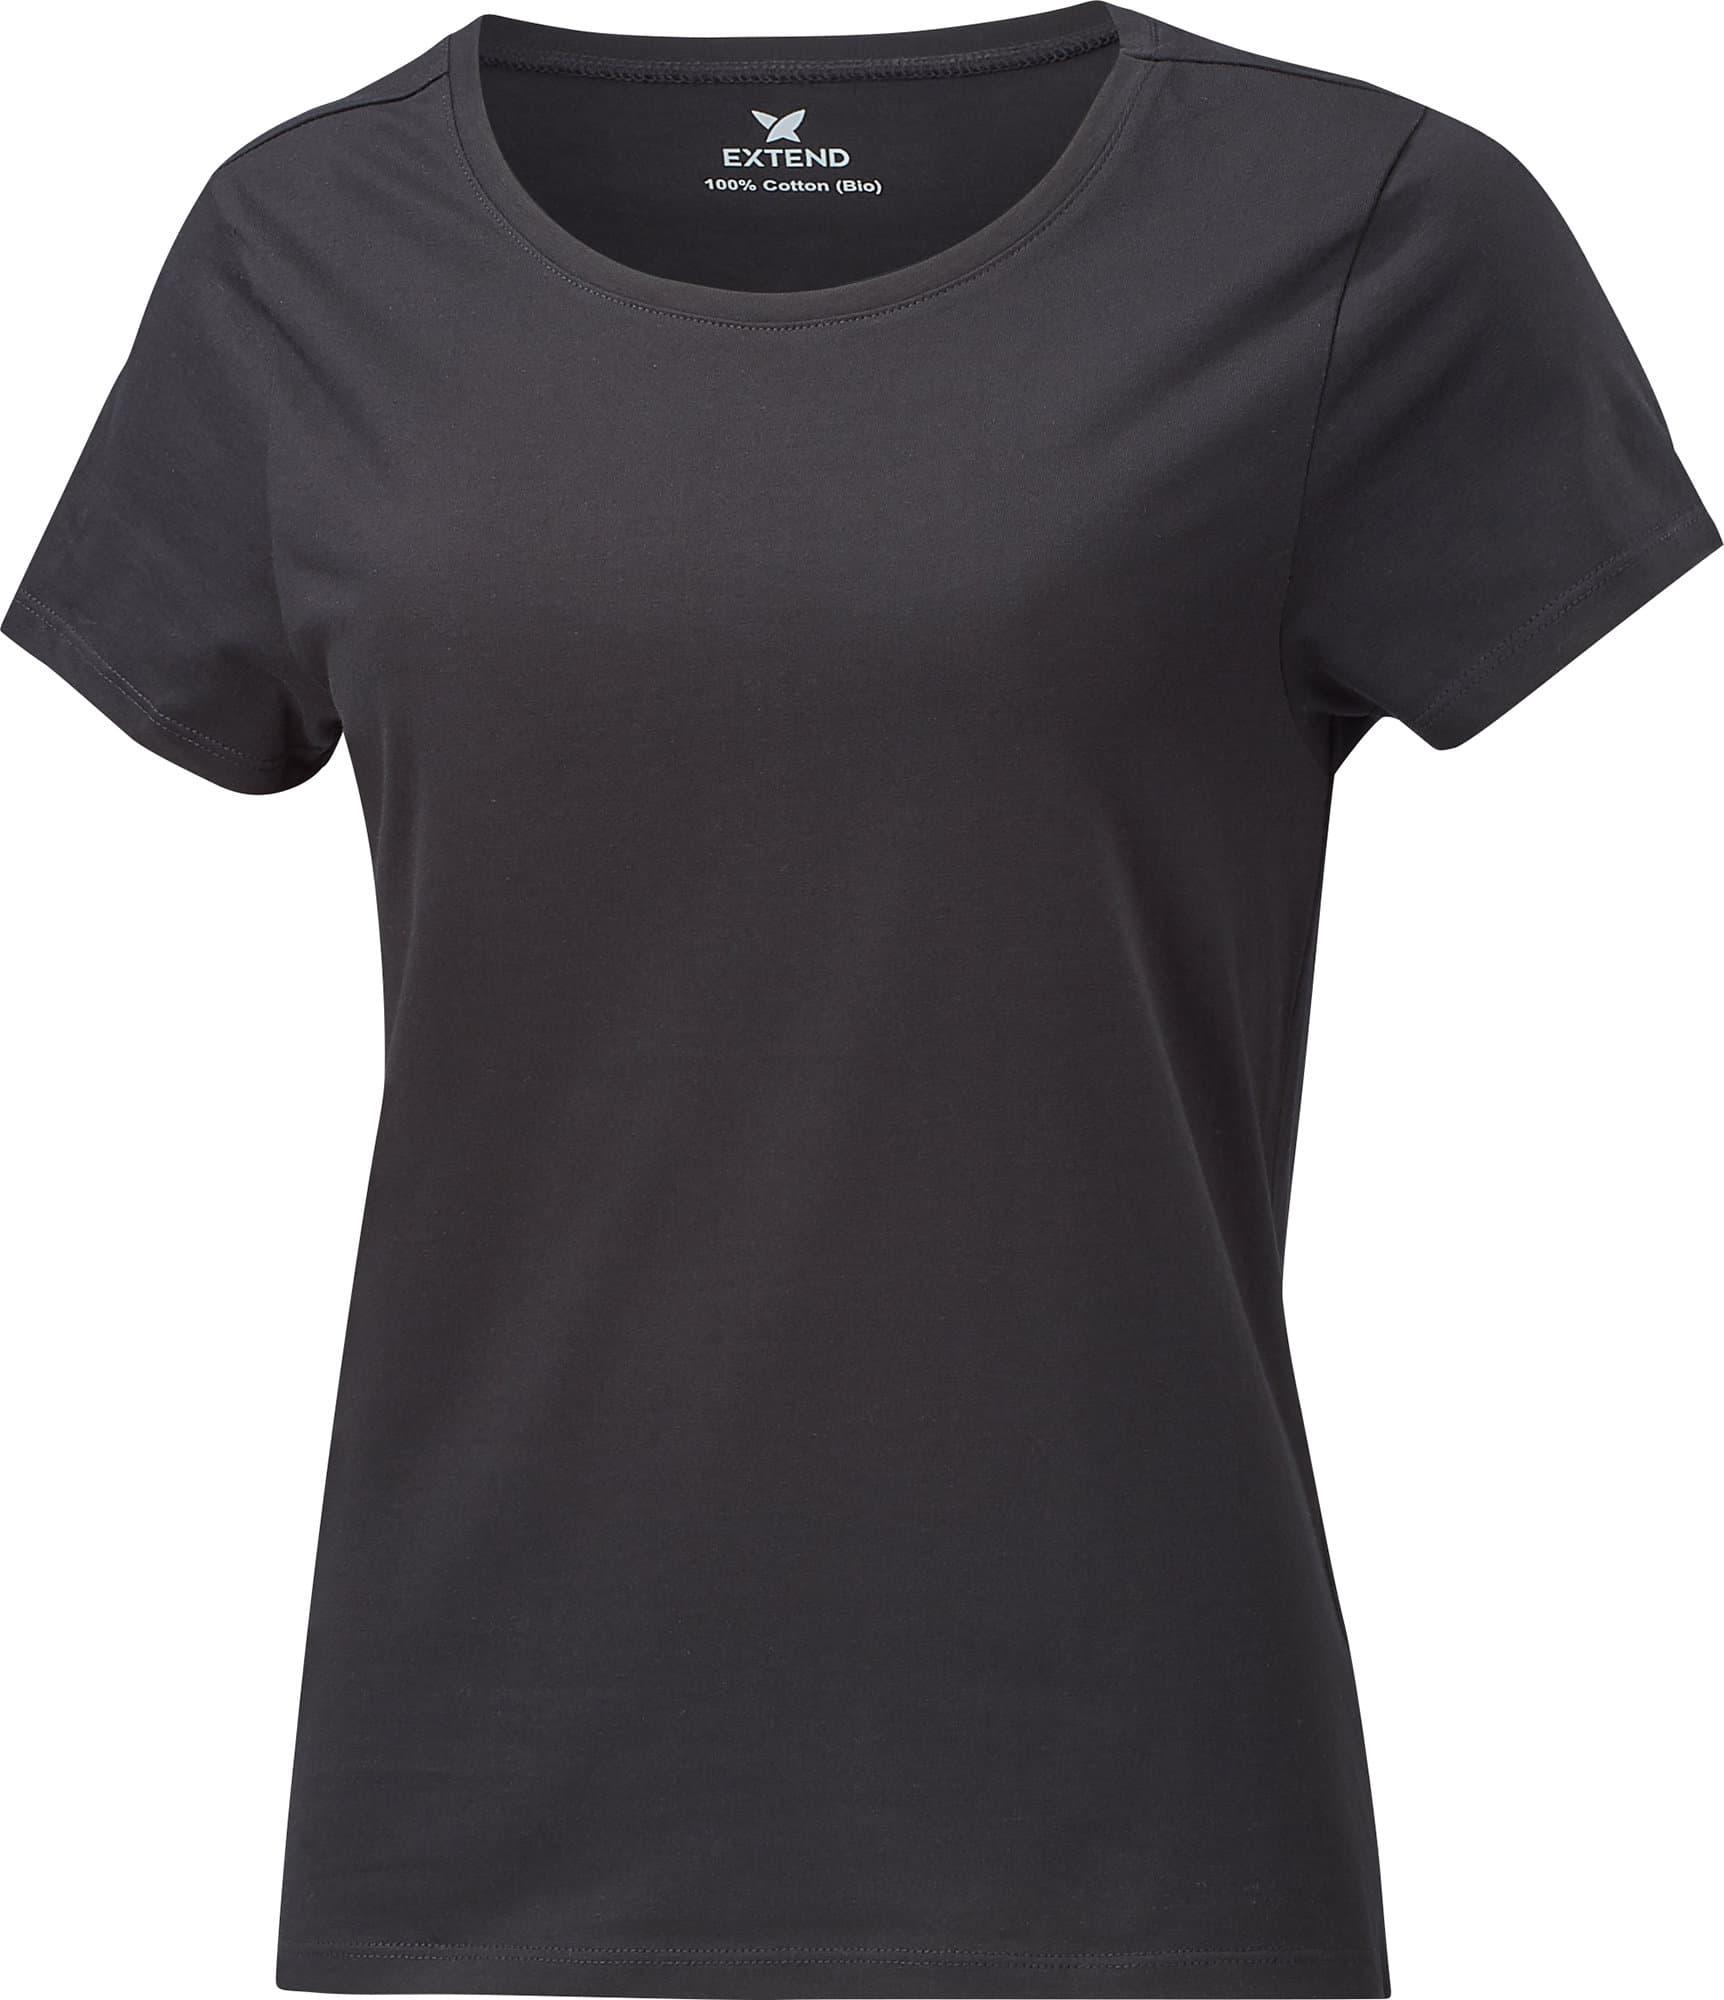 Entdecken Sie die neuesten Trends Super Specials Online kaufen Extend T-SHIRT TINKERBELL U-NECK Damen-T-Shirt